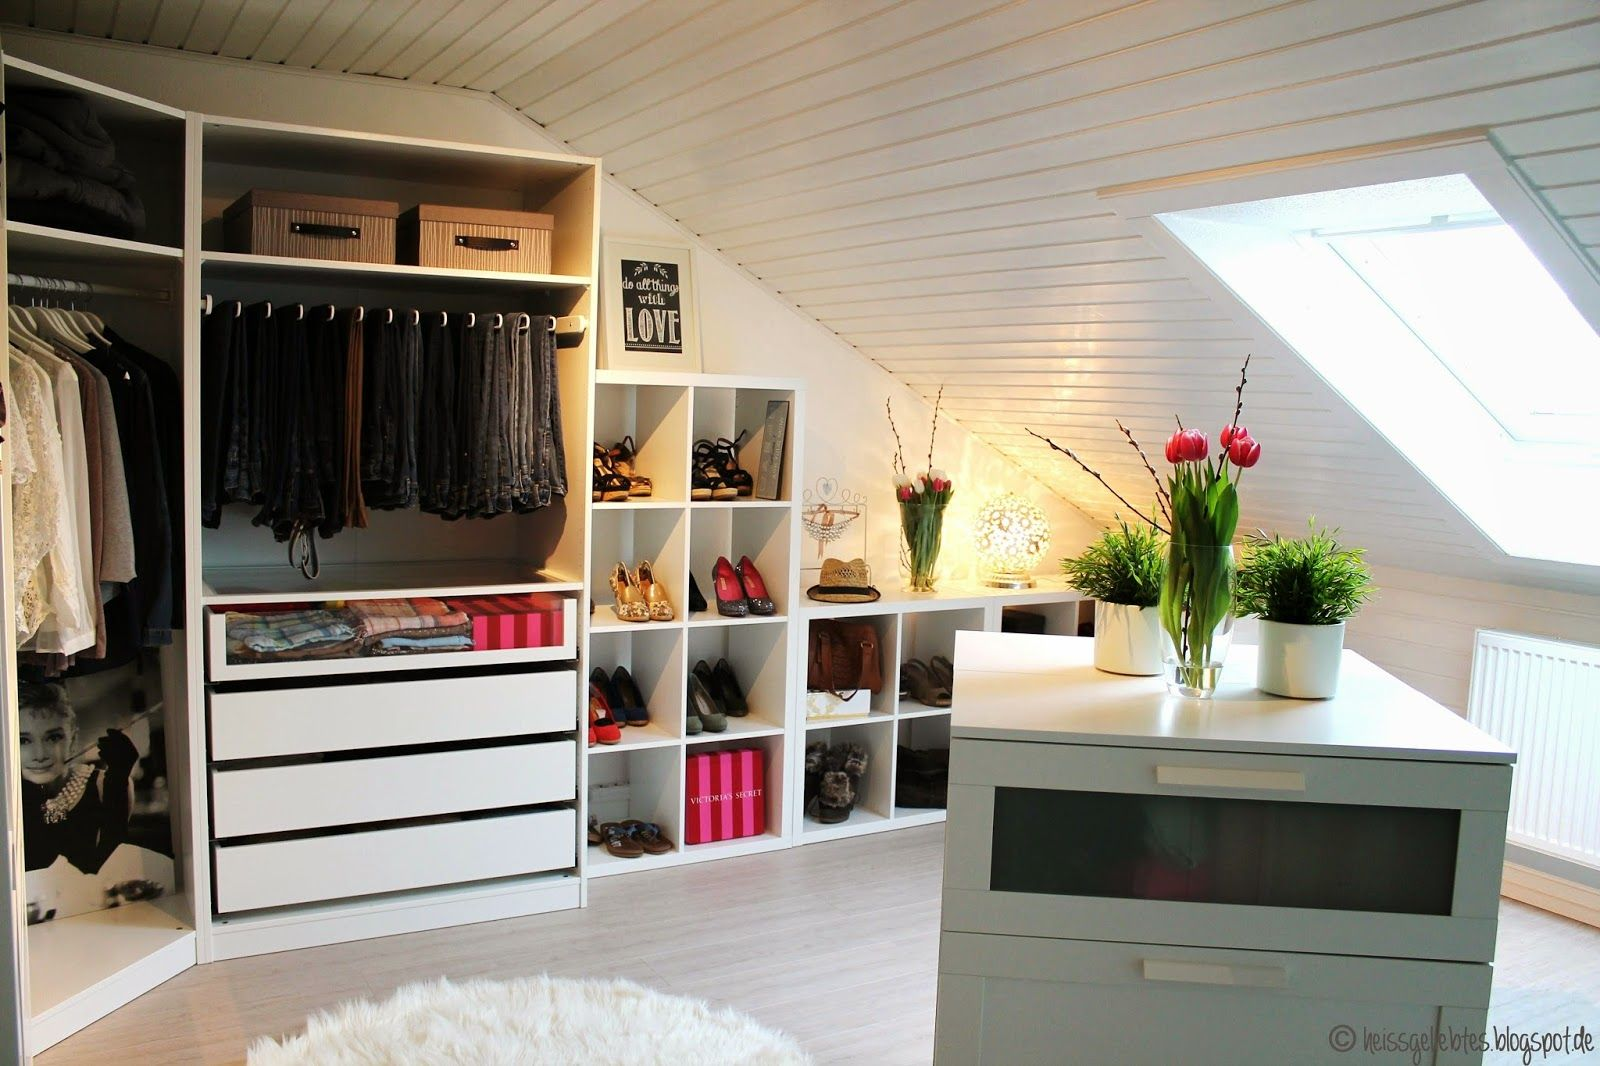 Ankleidezimmer ideen ikea  heissgeliebtes...: Ein Mädchentraum - Das Ankleidezimmer | Room ...